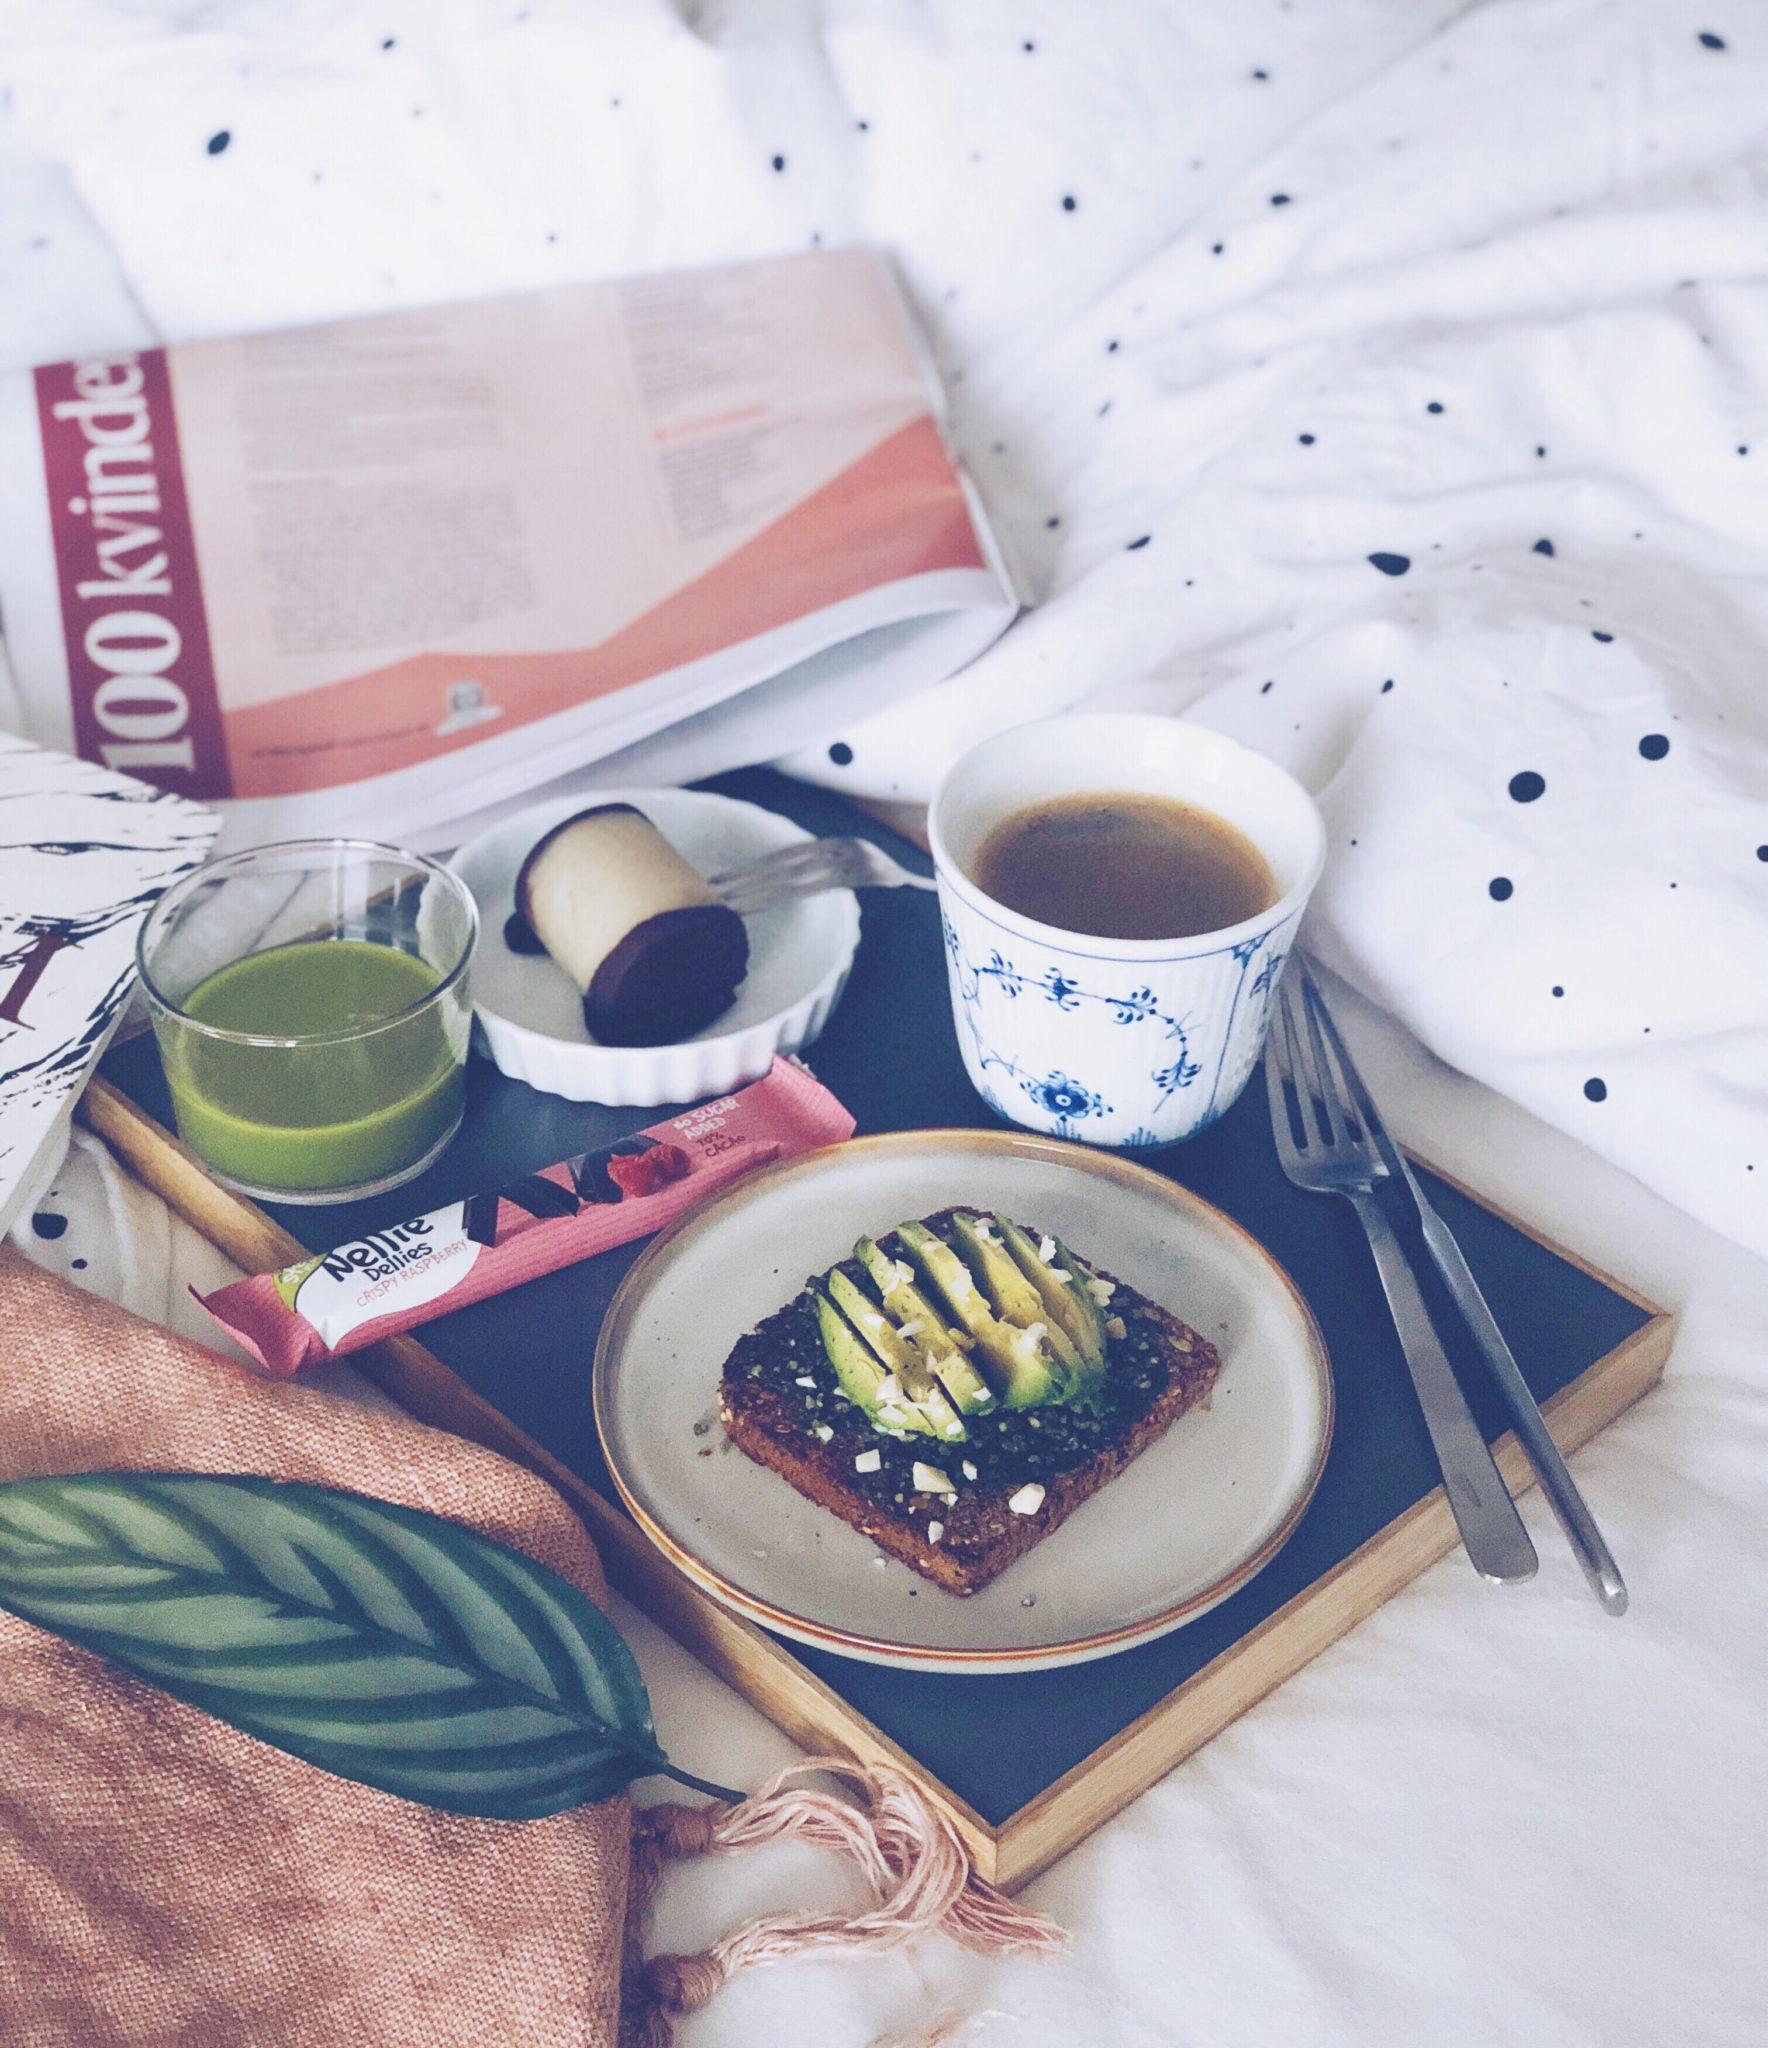 træstammer opskrift og weekendhygge med Berlingske i sengen